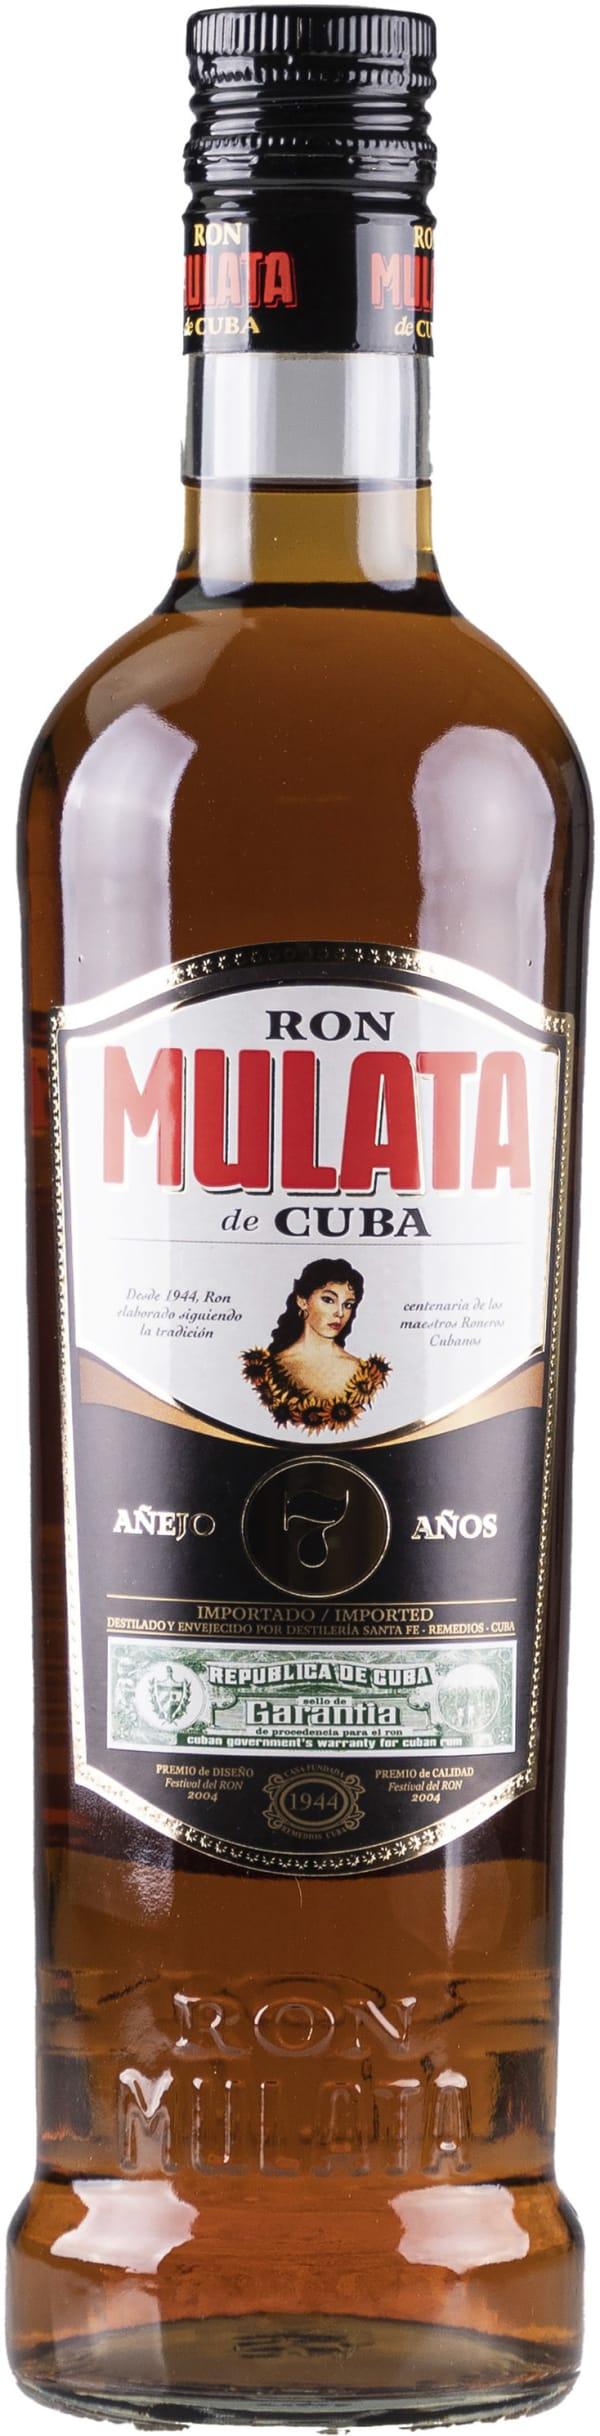 Ron Mulata de Cuba 7 añejo 38%